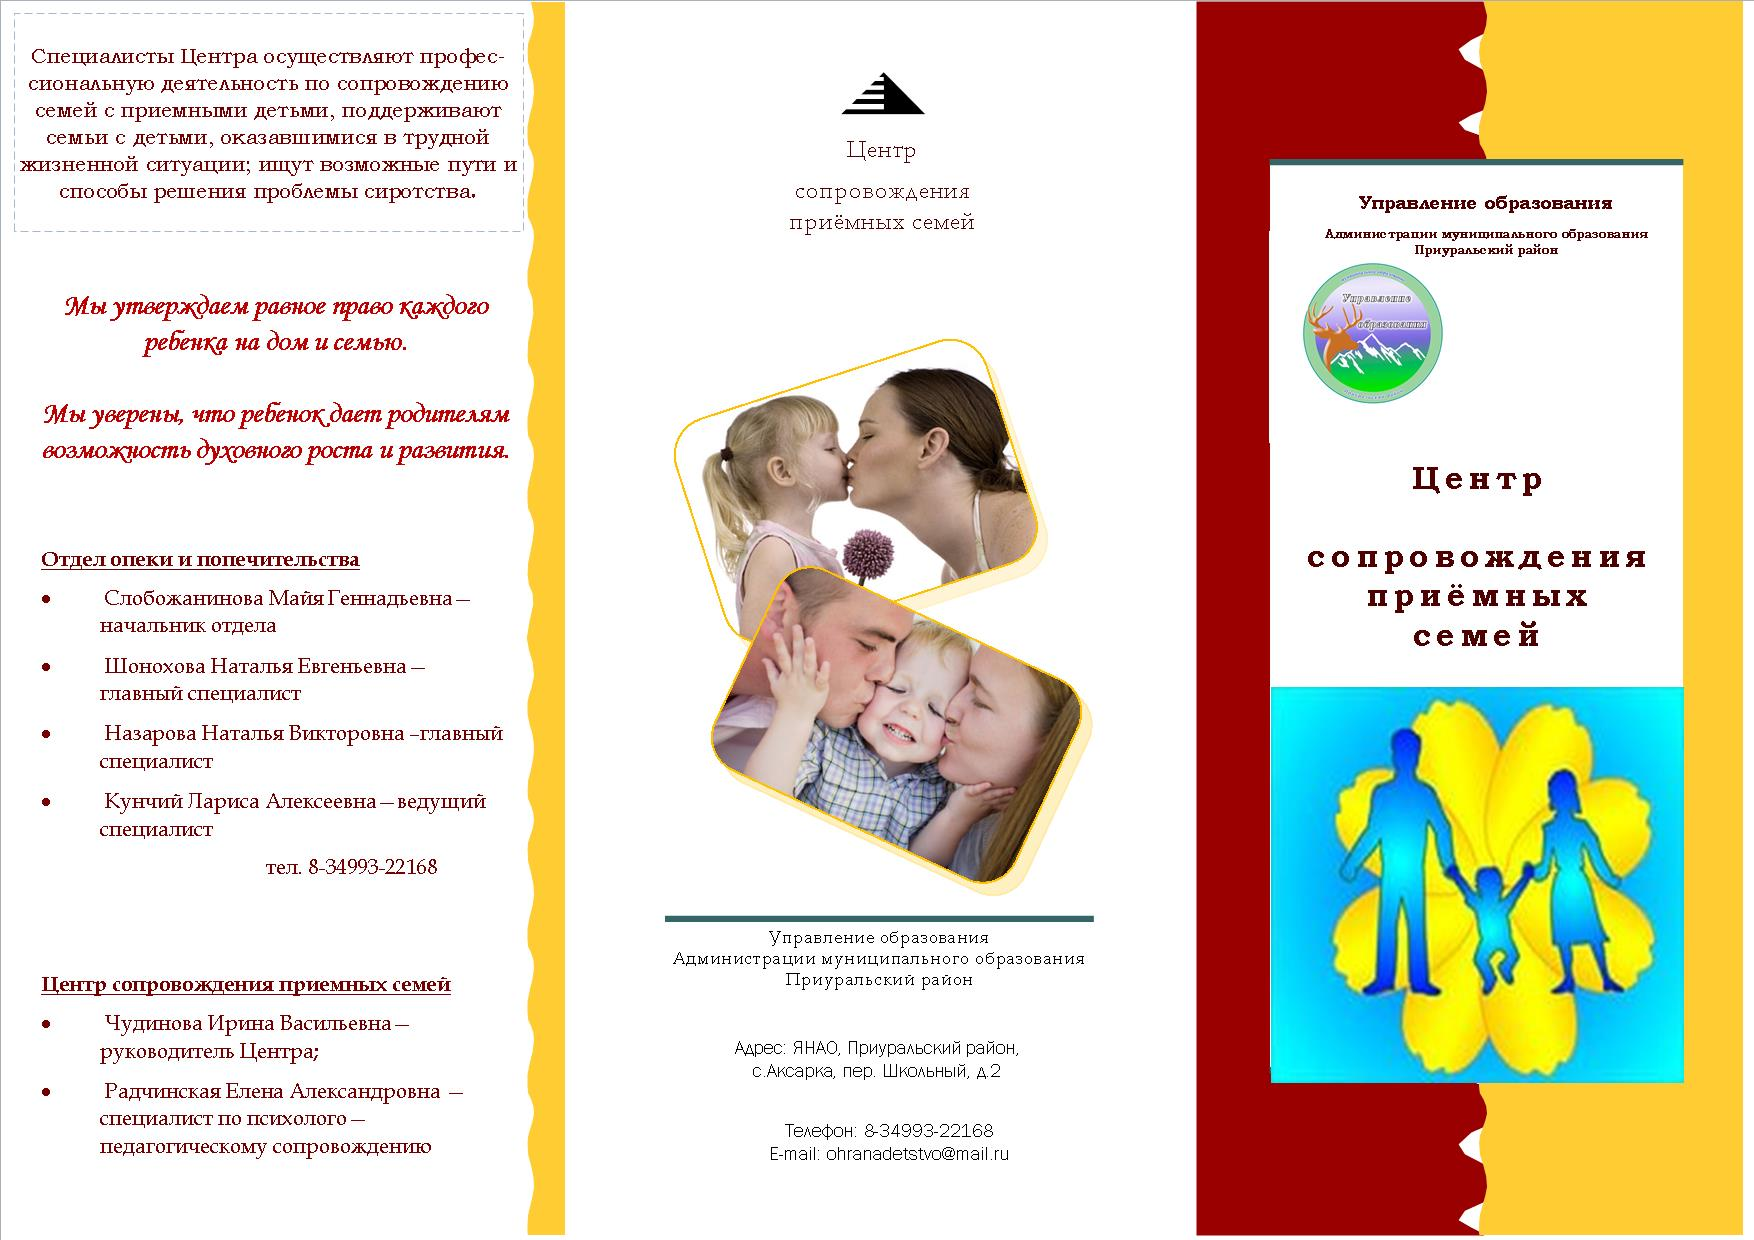 Центр сопровождения приемных семей